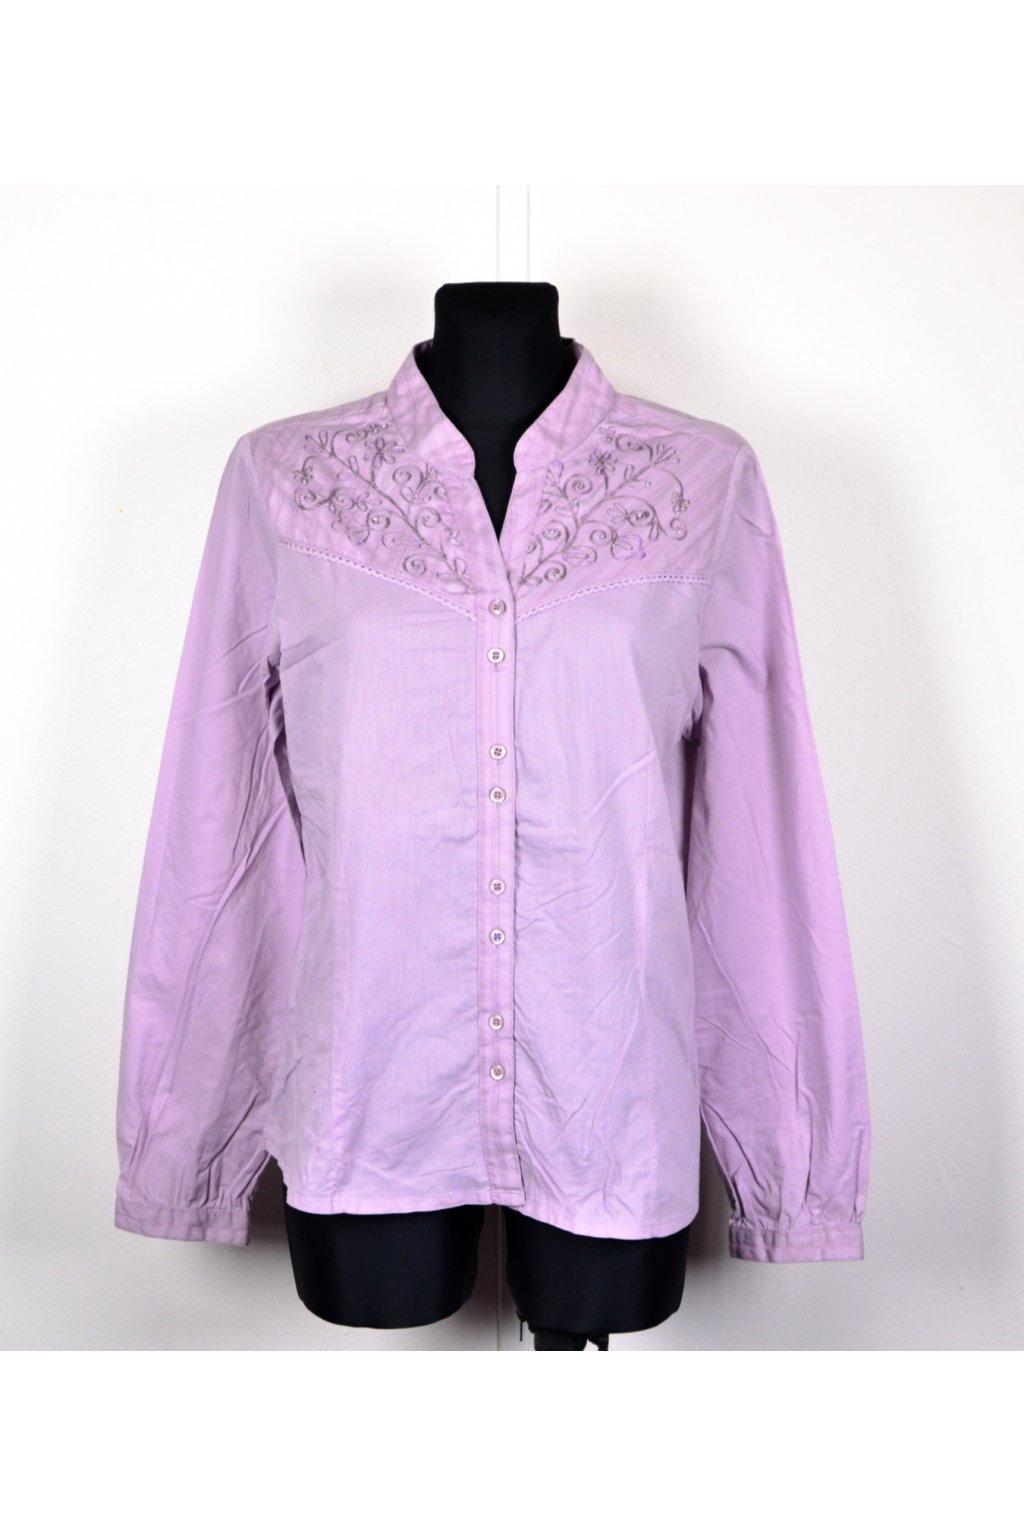 Halenka Košile fialová lila Woman&Soul vel. 44 / L